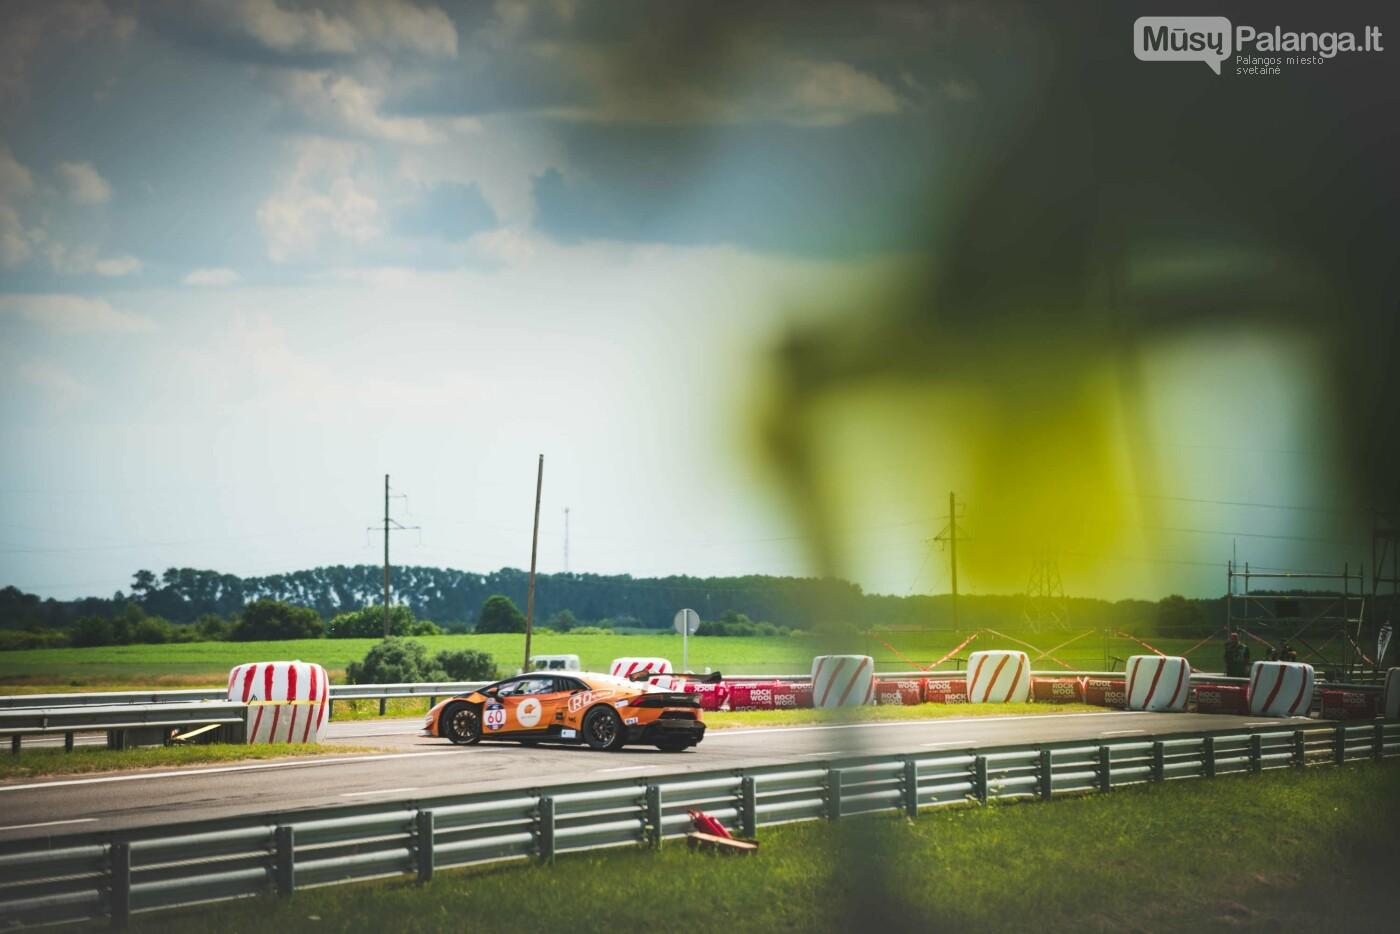 """Pirmoji """"Aurum 1006 km lenktynių"""" repeticija, nuotrauka-23, Arno STRUMILOS nuotr."""